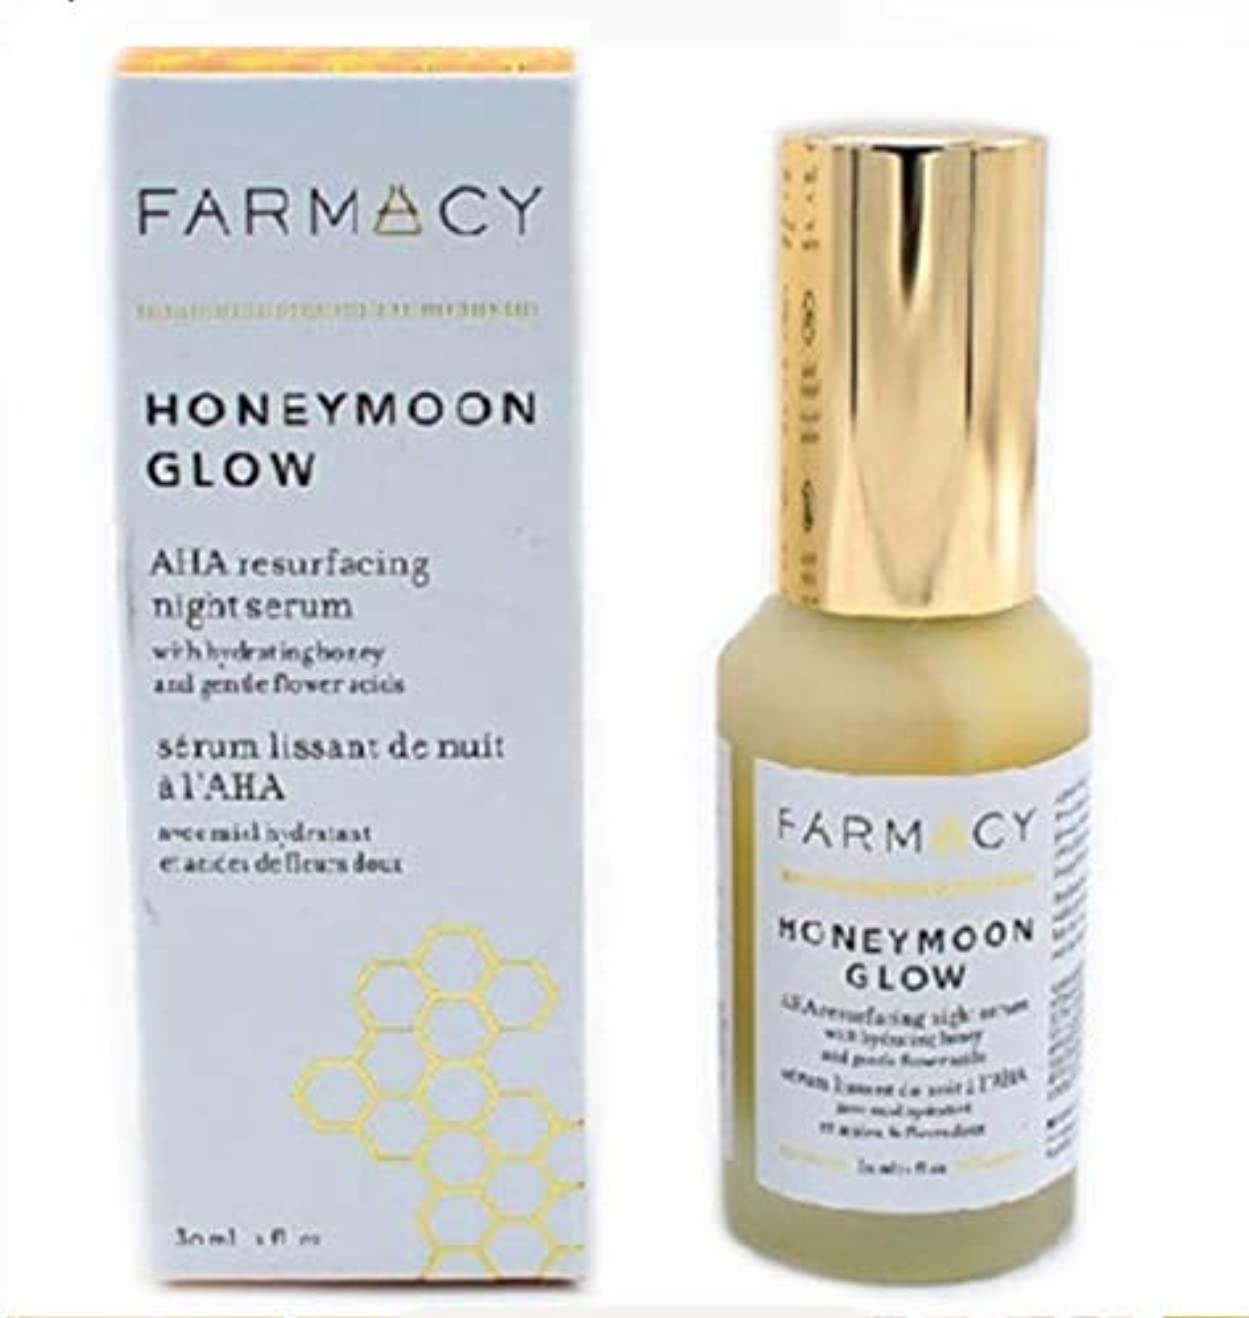 一般的ななので鼓舞するファーマシー FARMACY HONEYMOON GLOW AHA Resurfacing Night Serum with Hydrating Honey + Gentle Flower Acids 美容液 セラム 夜用